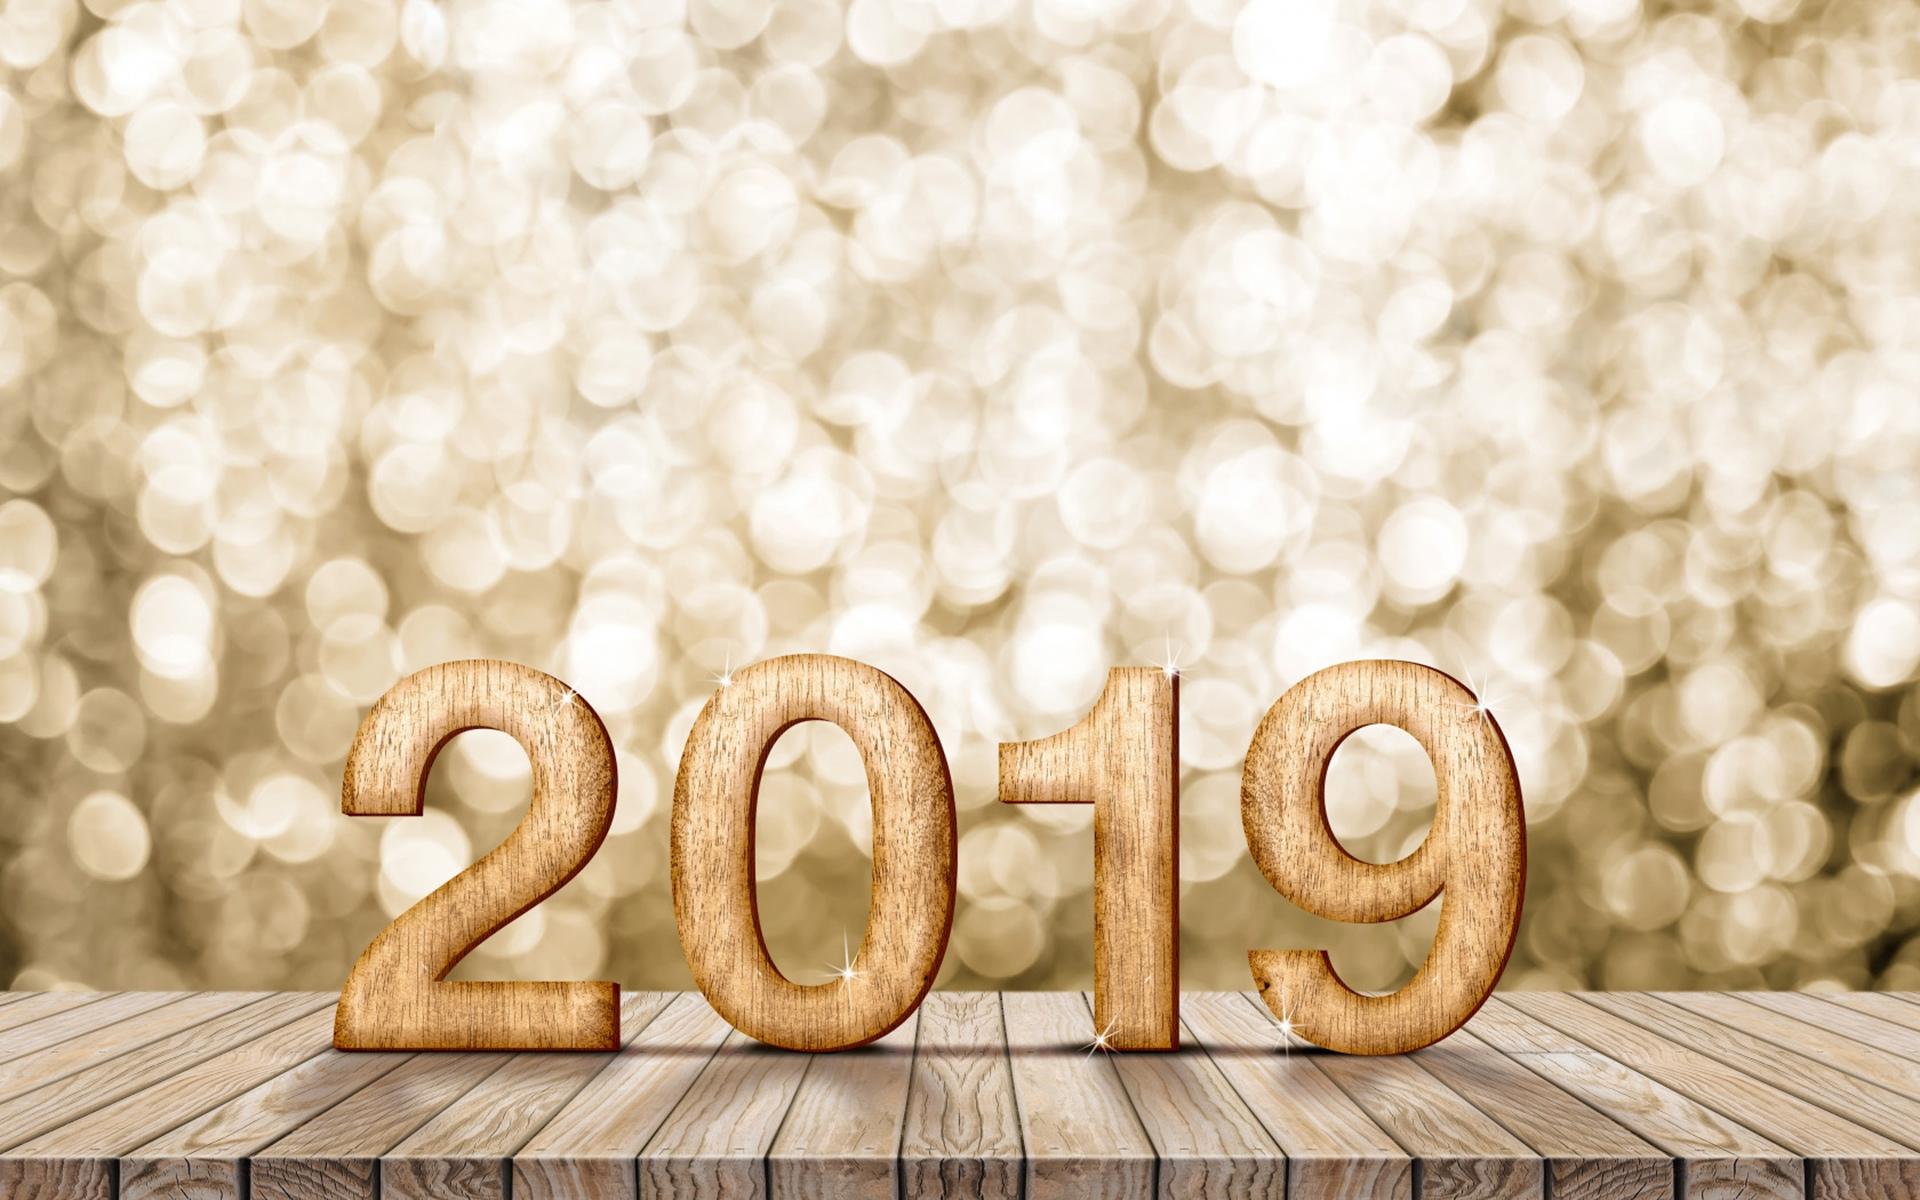 高清:2019年圣诞节主题图片,2019艺术字创意图片